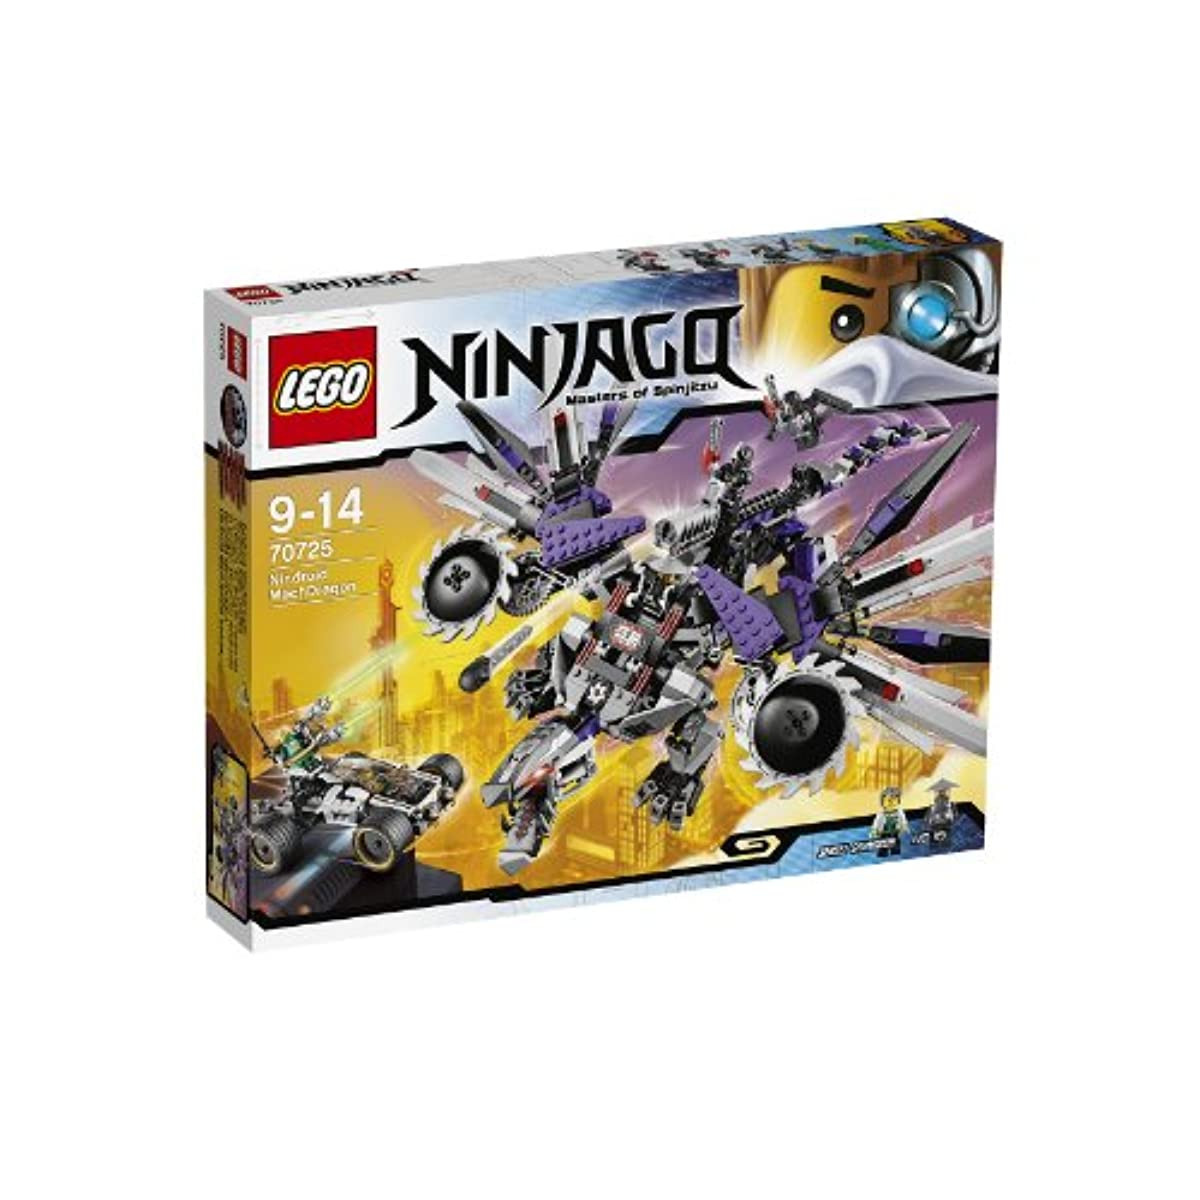 [해외] 레고 (LEGO) 닌자고 닌도로이도메카 드래곤 70725 (2013-12-27)